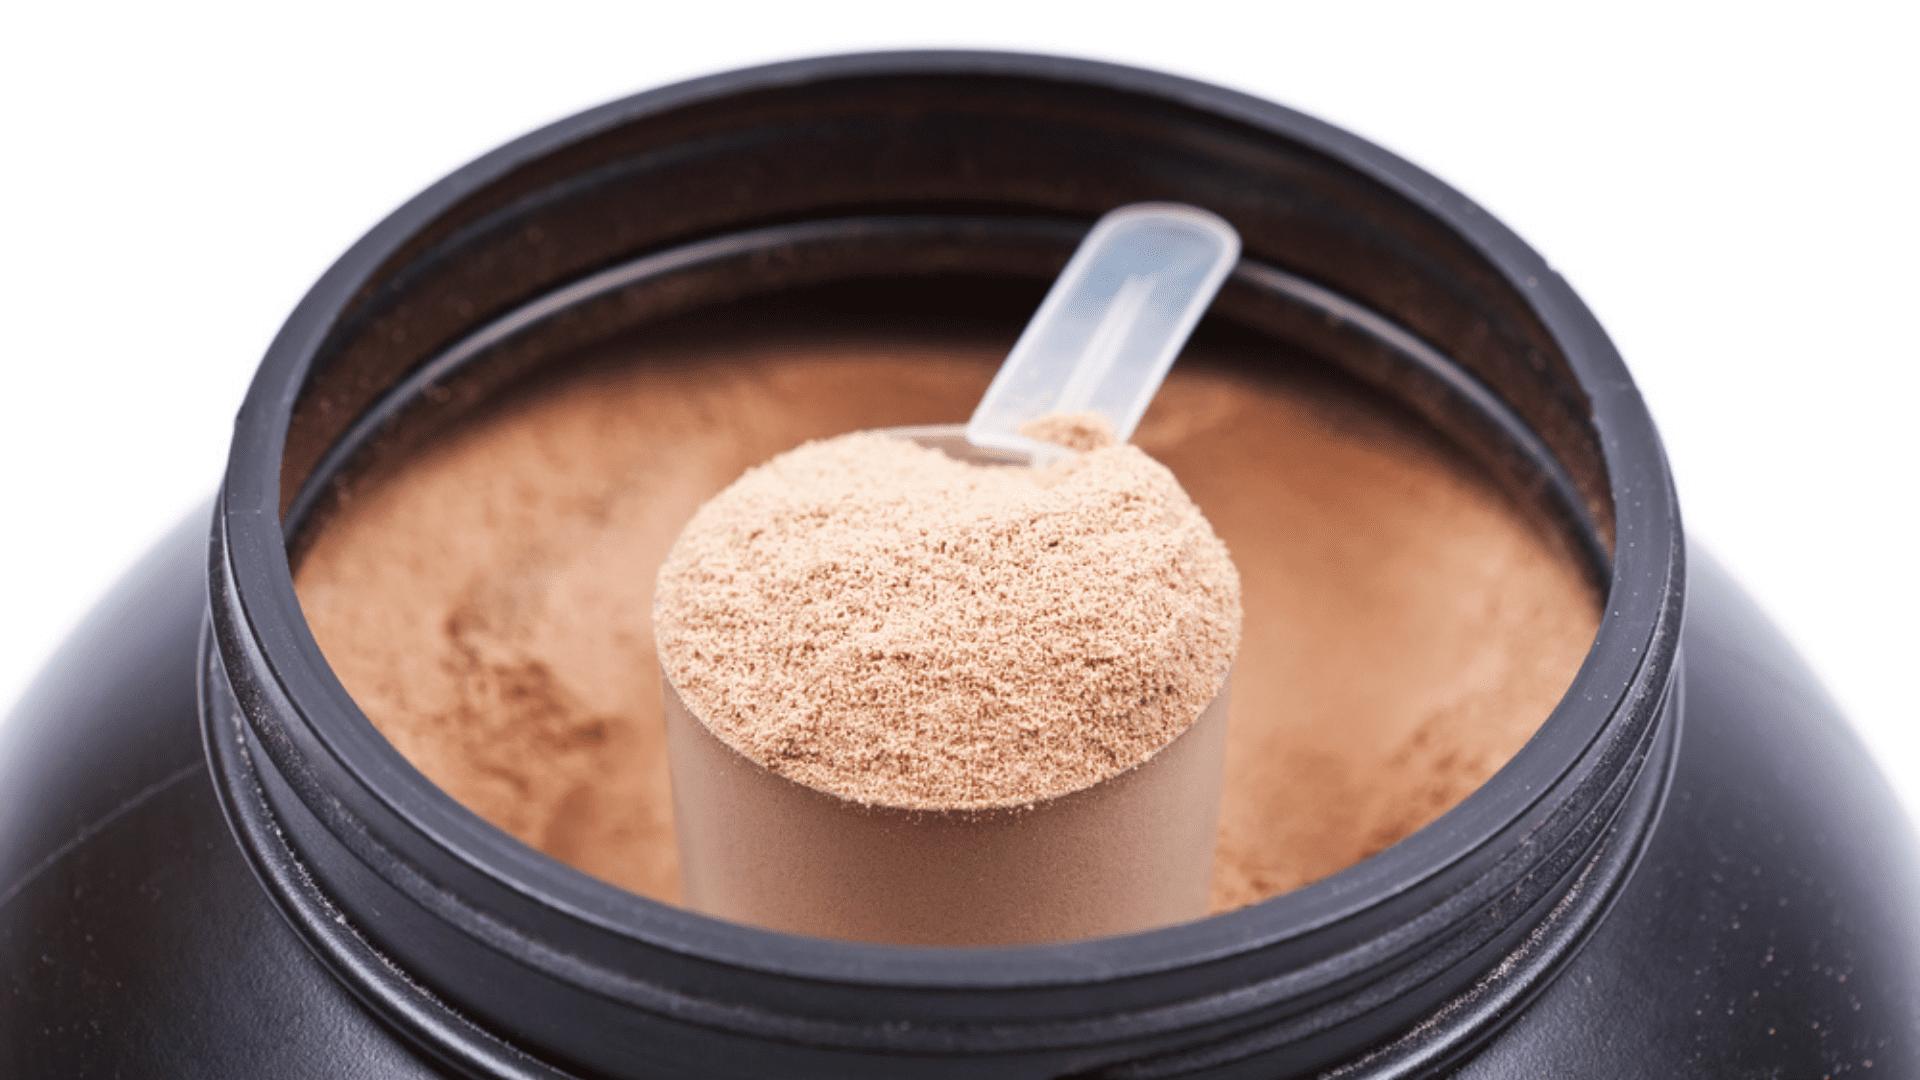 O Whey Protein é funcional e benéfico ao corpo, além de facilitar a rotina de exercícios (Imagem: Reprodução/Shutterstock)